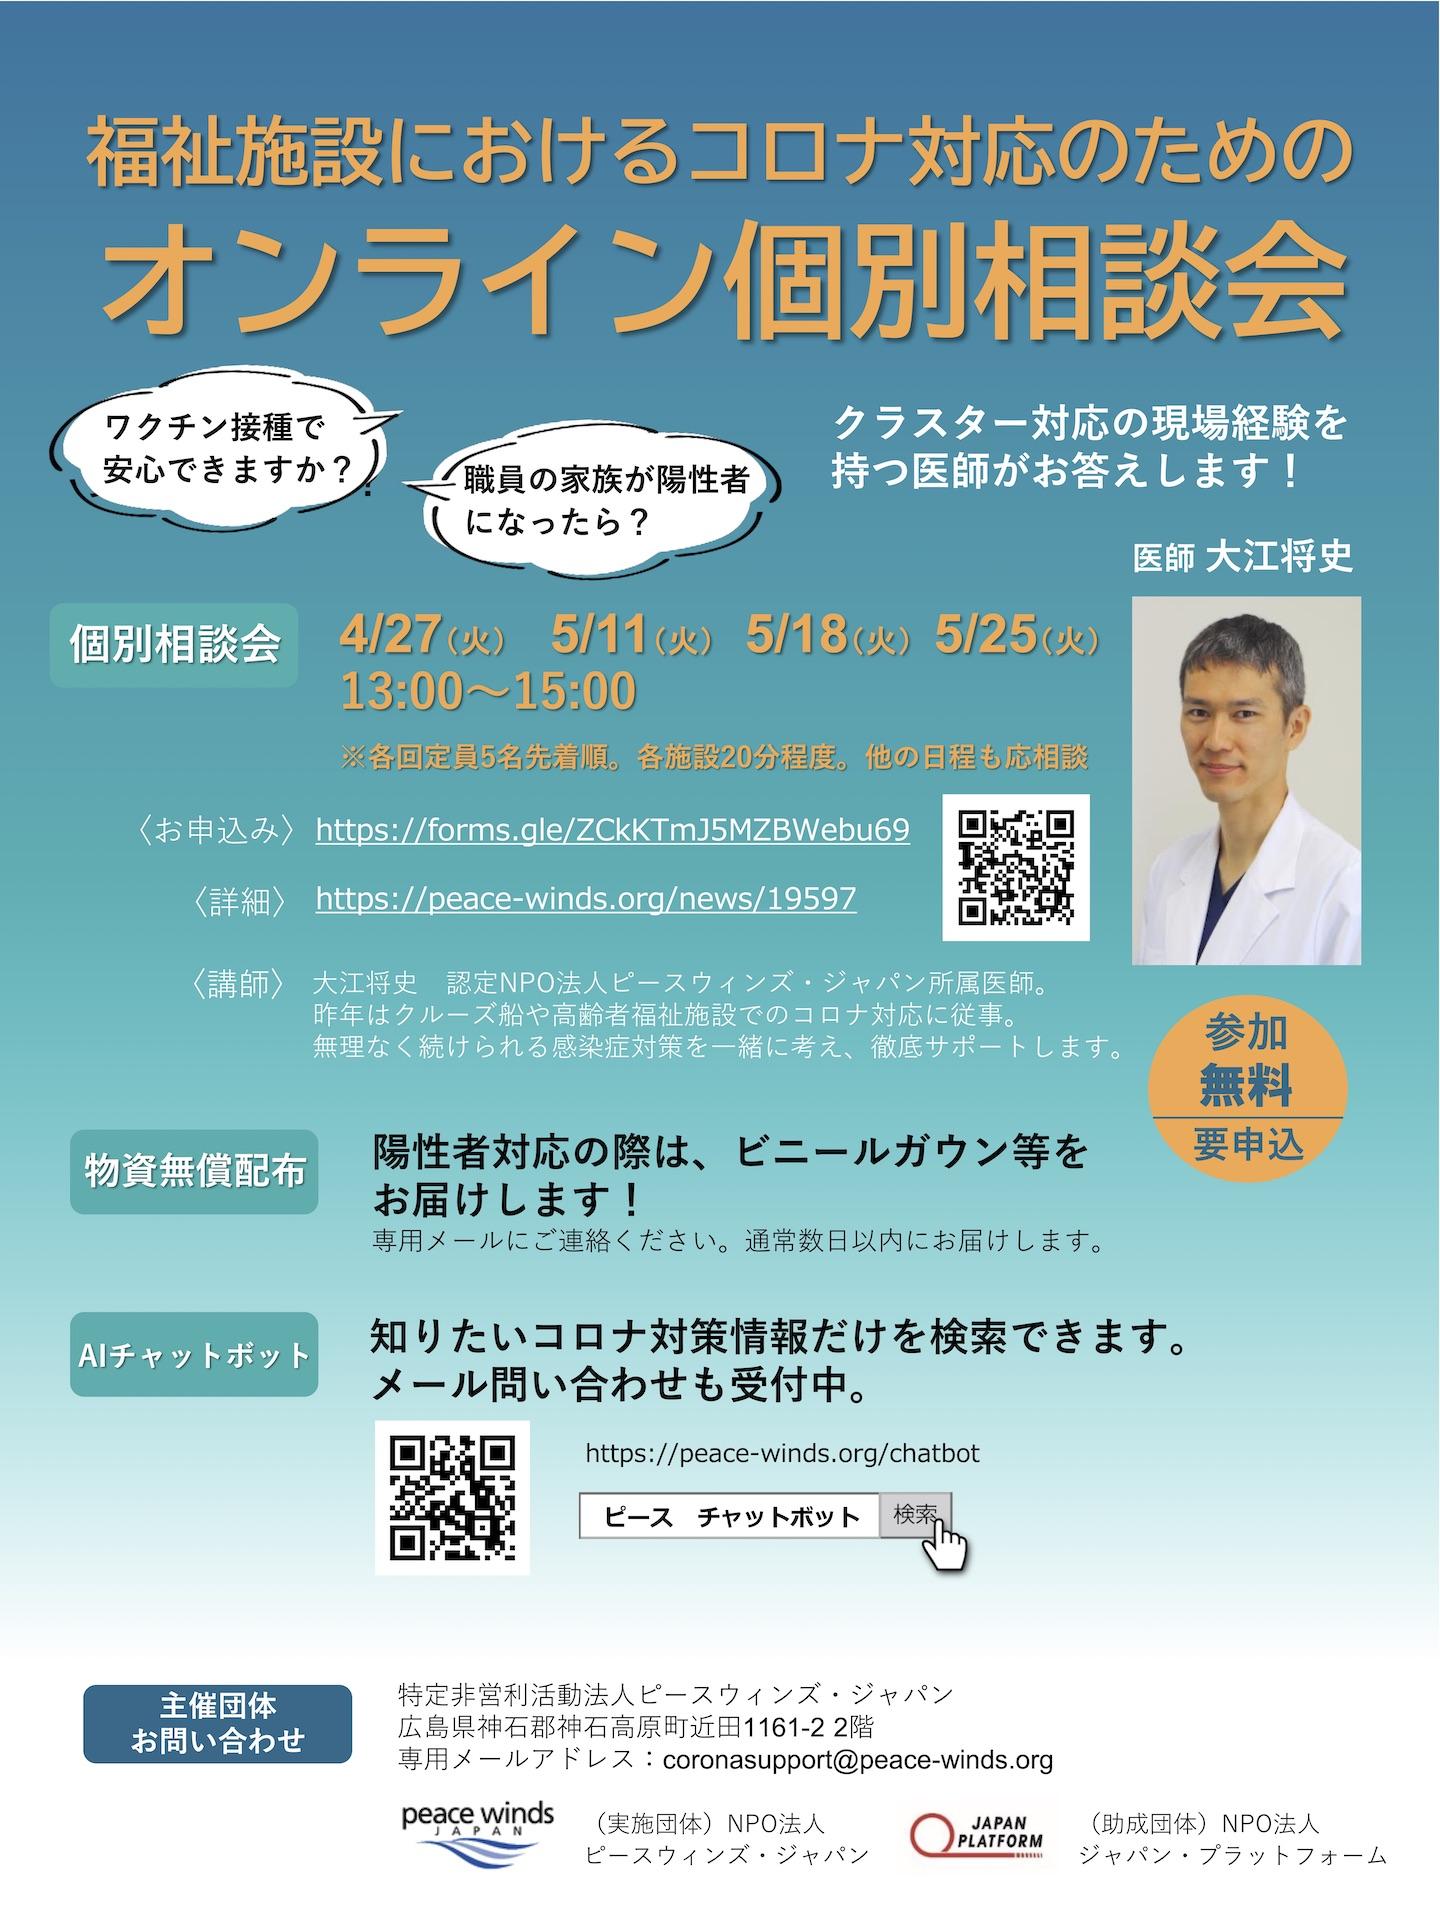 【福祉施設対象】新型コロナウイルス対策 個別相談会 ~ 無理なく続けられる効果的な感染症対策を徹底サポートします~